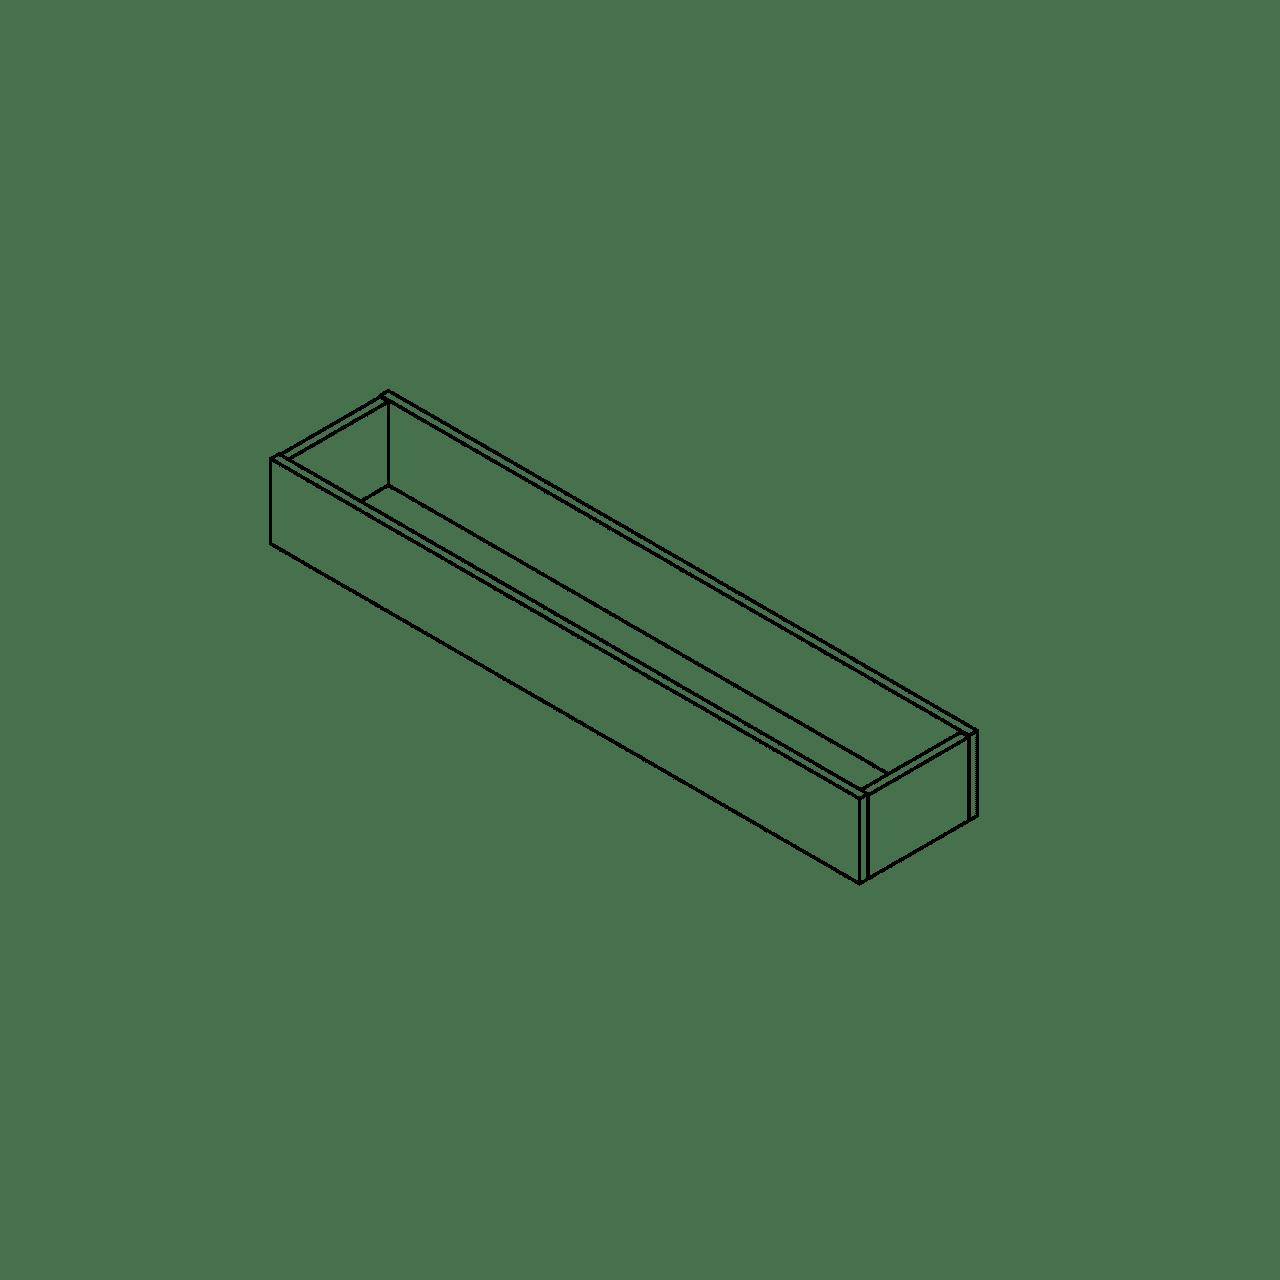 Besteckeinsatz, Distanzstück